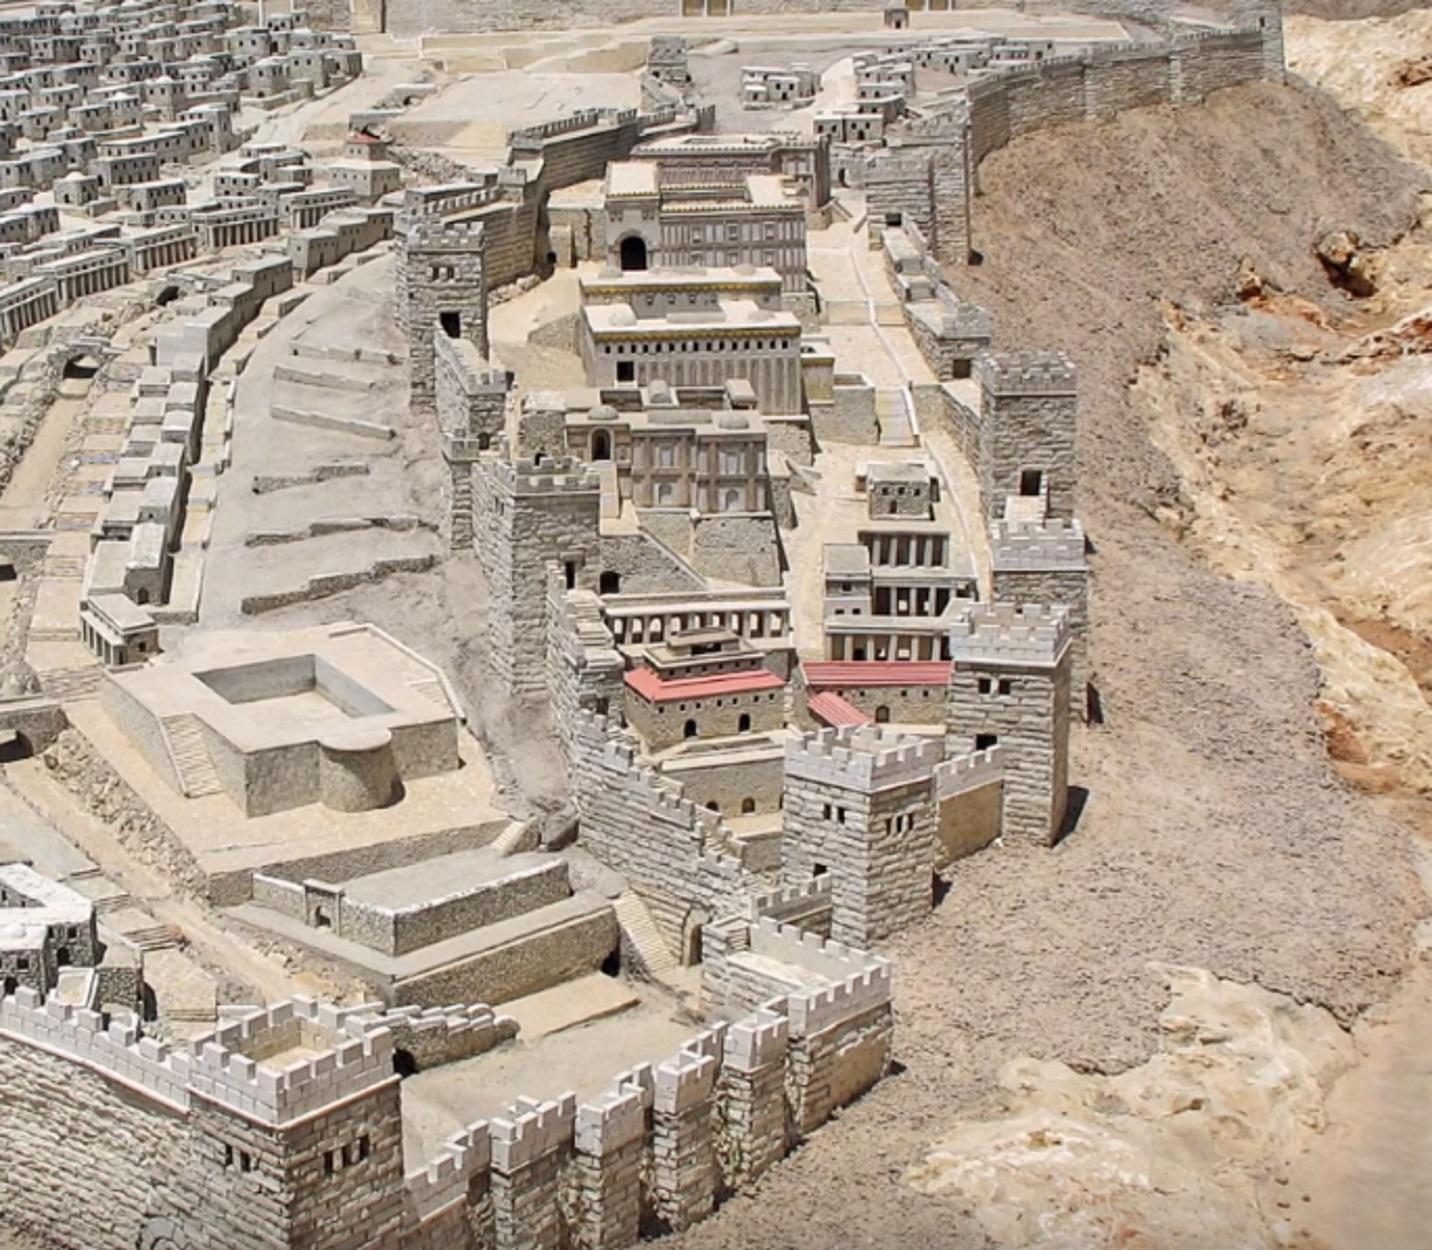 Συγκλονιστική αρχαιολογική ανακάλυψη! Βρέθηκε πόλη της Παλαιάς Διαθήκης του Σαούλ και του Δαβίδ!